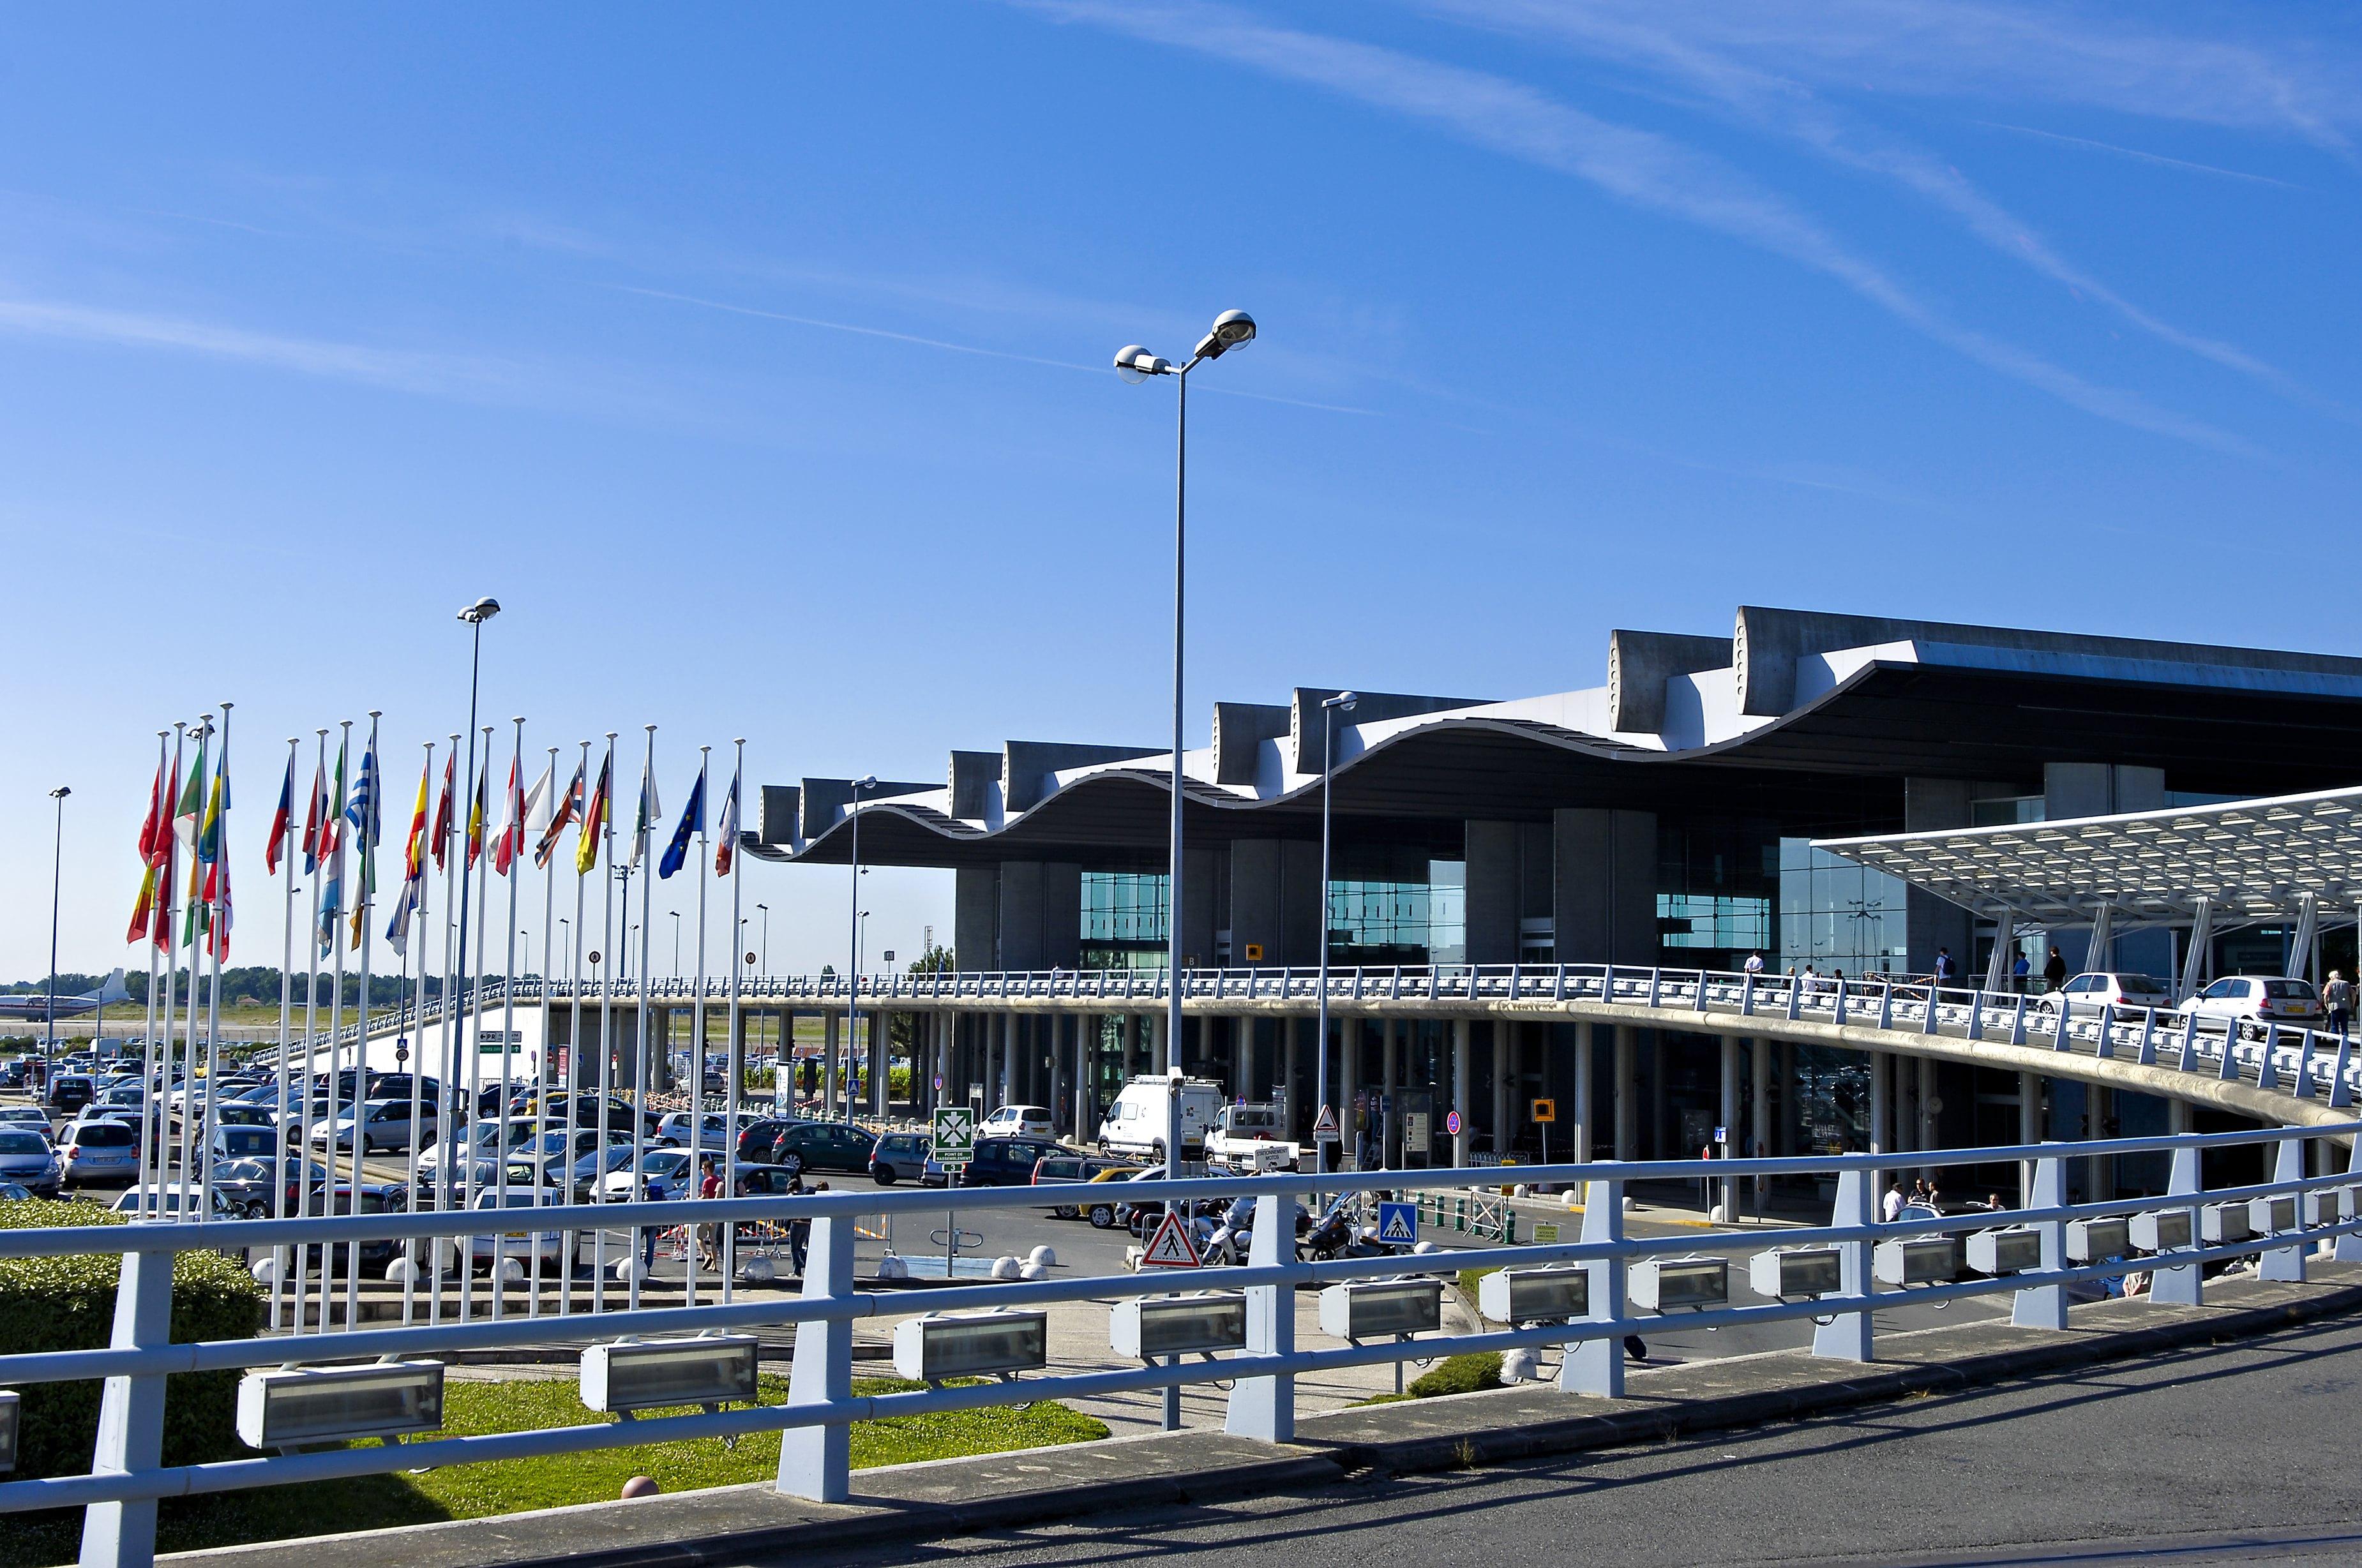 Ecomnews - Aéroport Bordeaux-Mérignac : Un plan de résilience et de reprise  de l'activité aéroportuaire